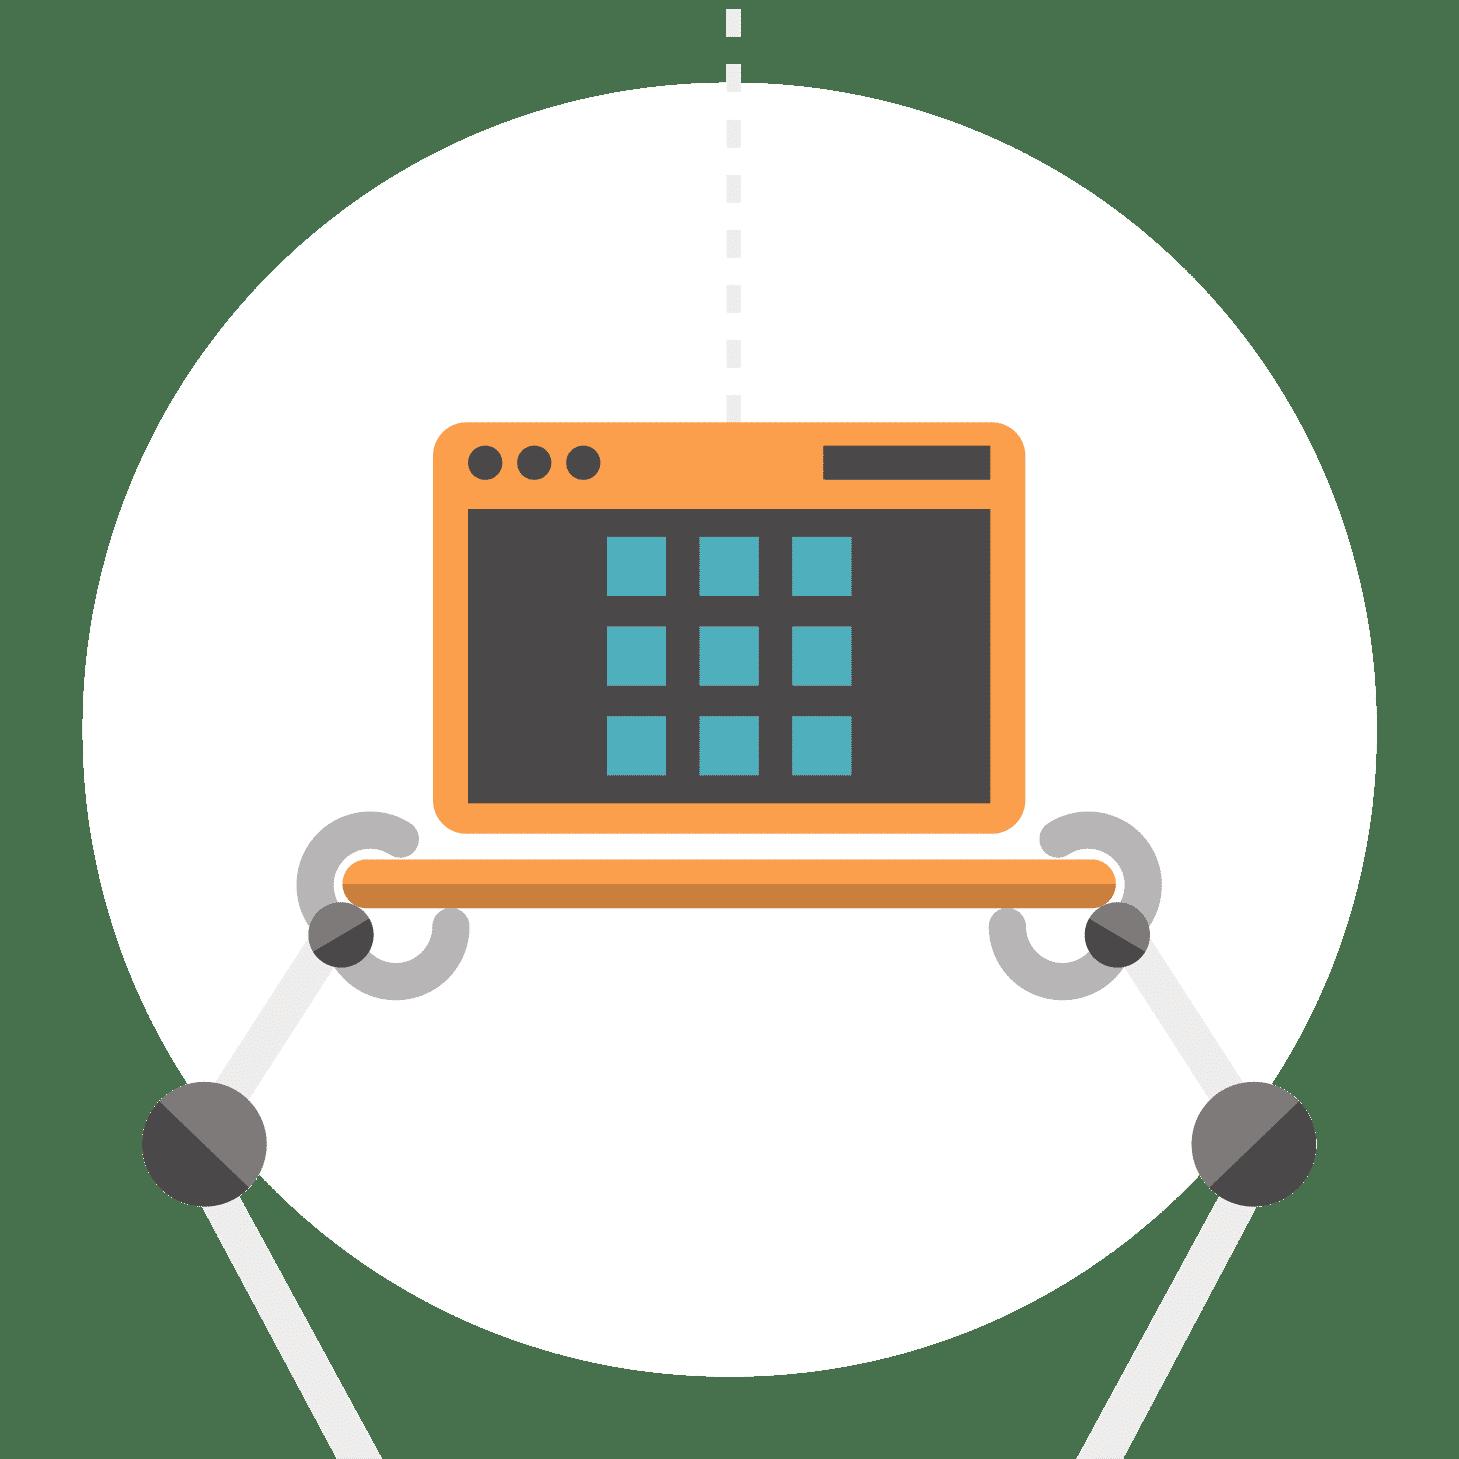 Bras de robots tenant un ordinateur portable- services numériques pour la recherche